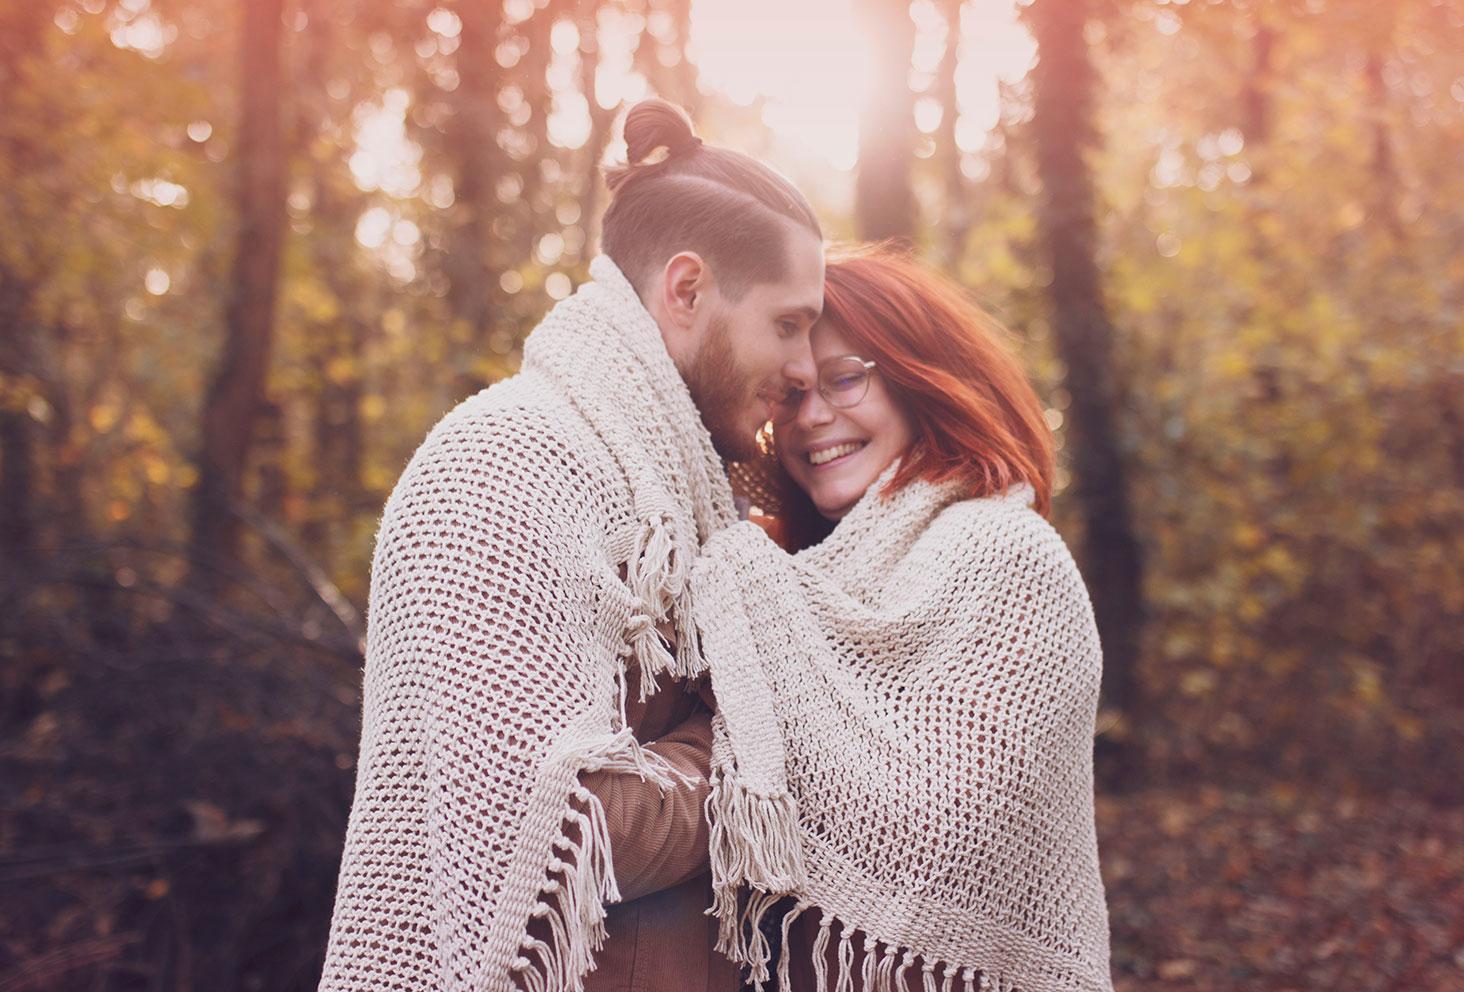 Photo de couple en forêt pour une idée de cadeau de Noël